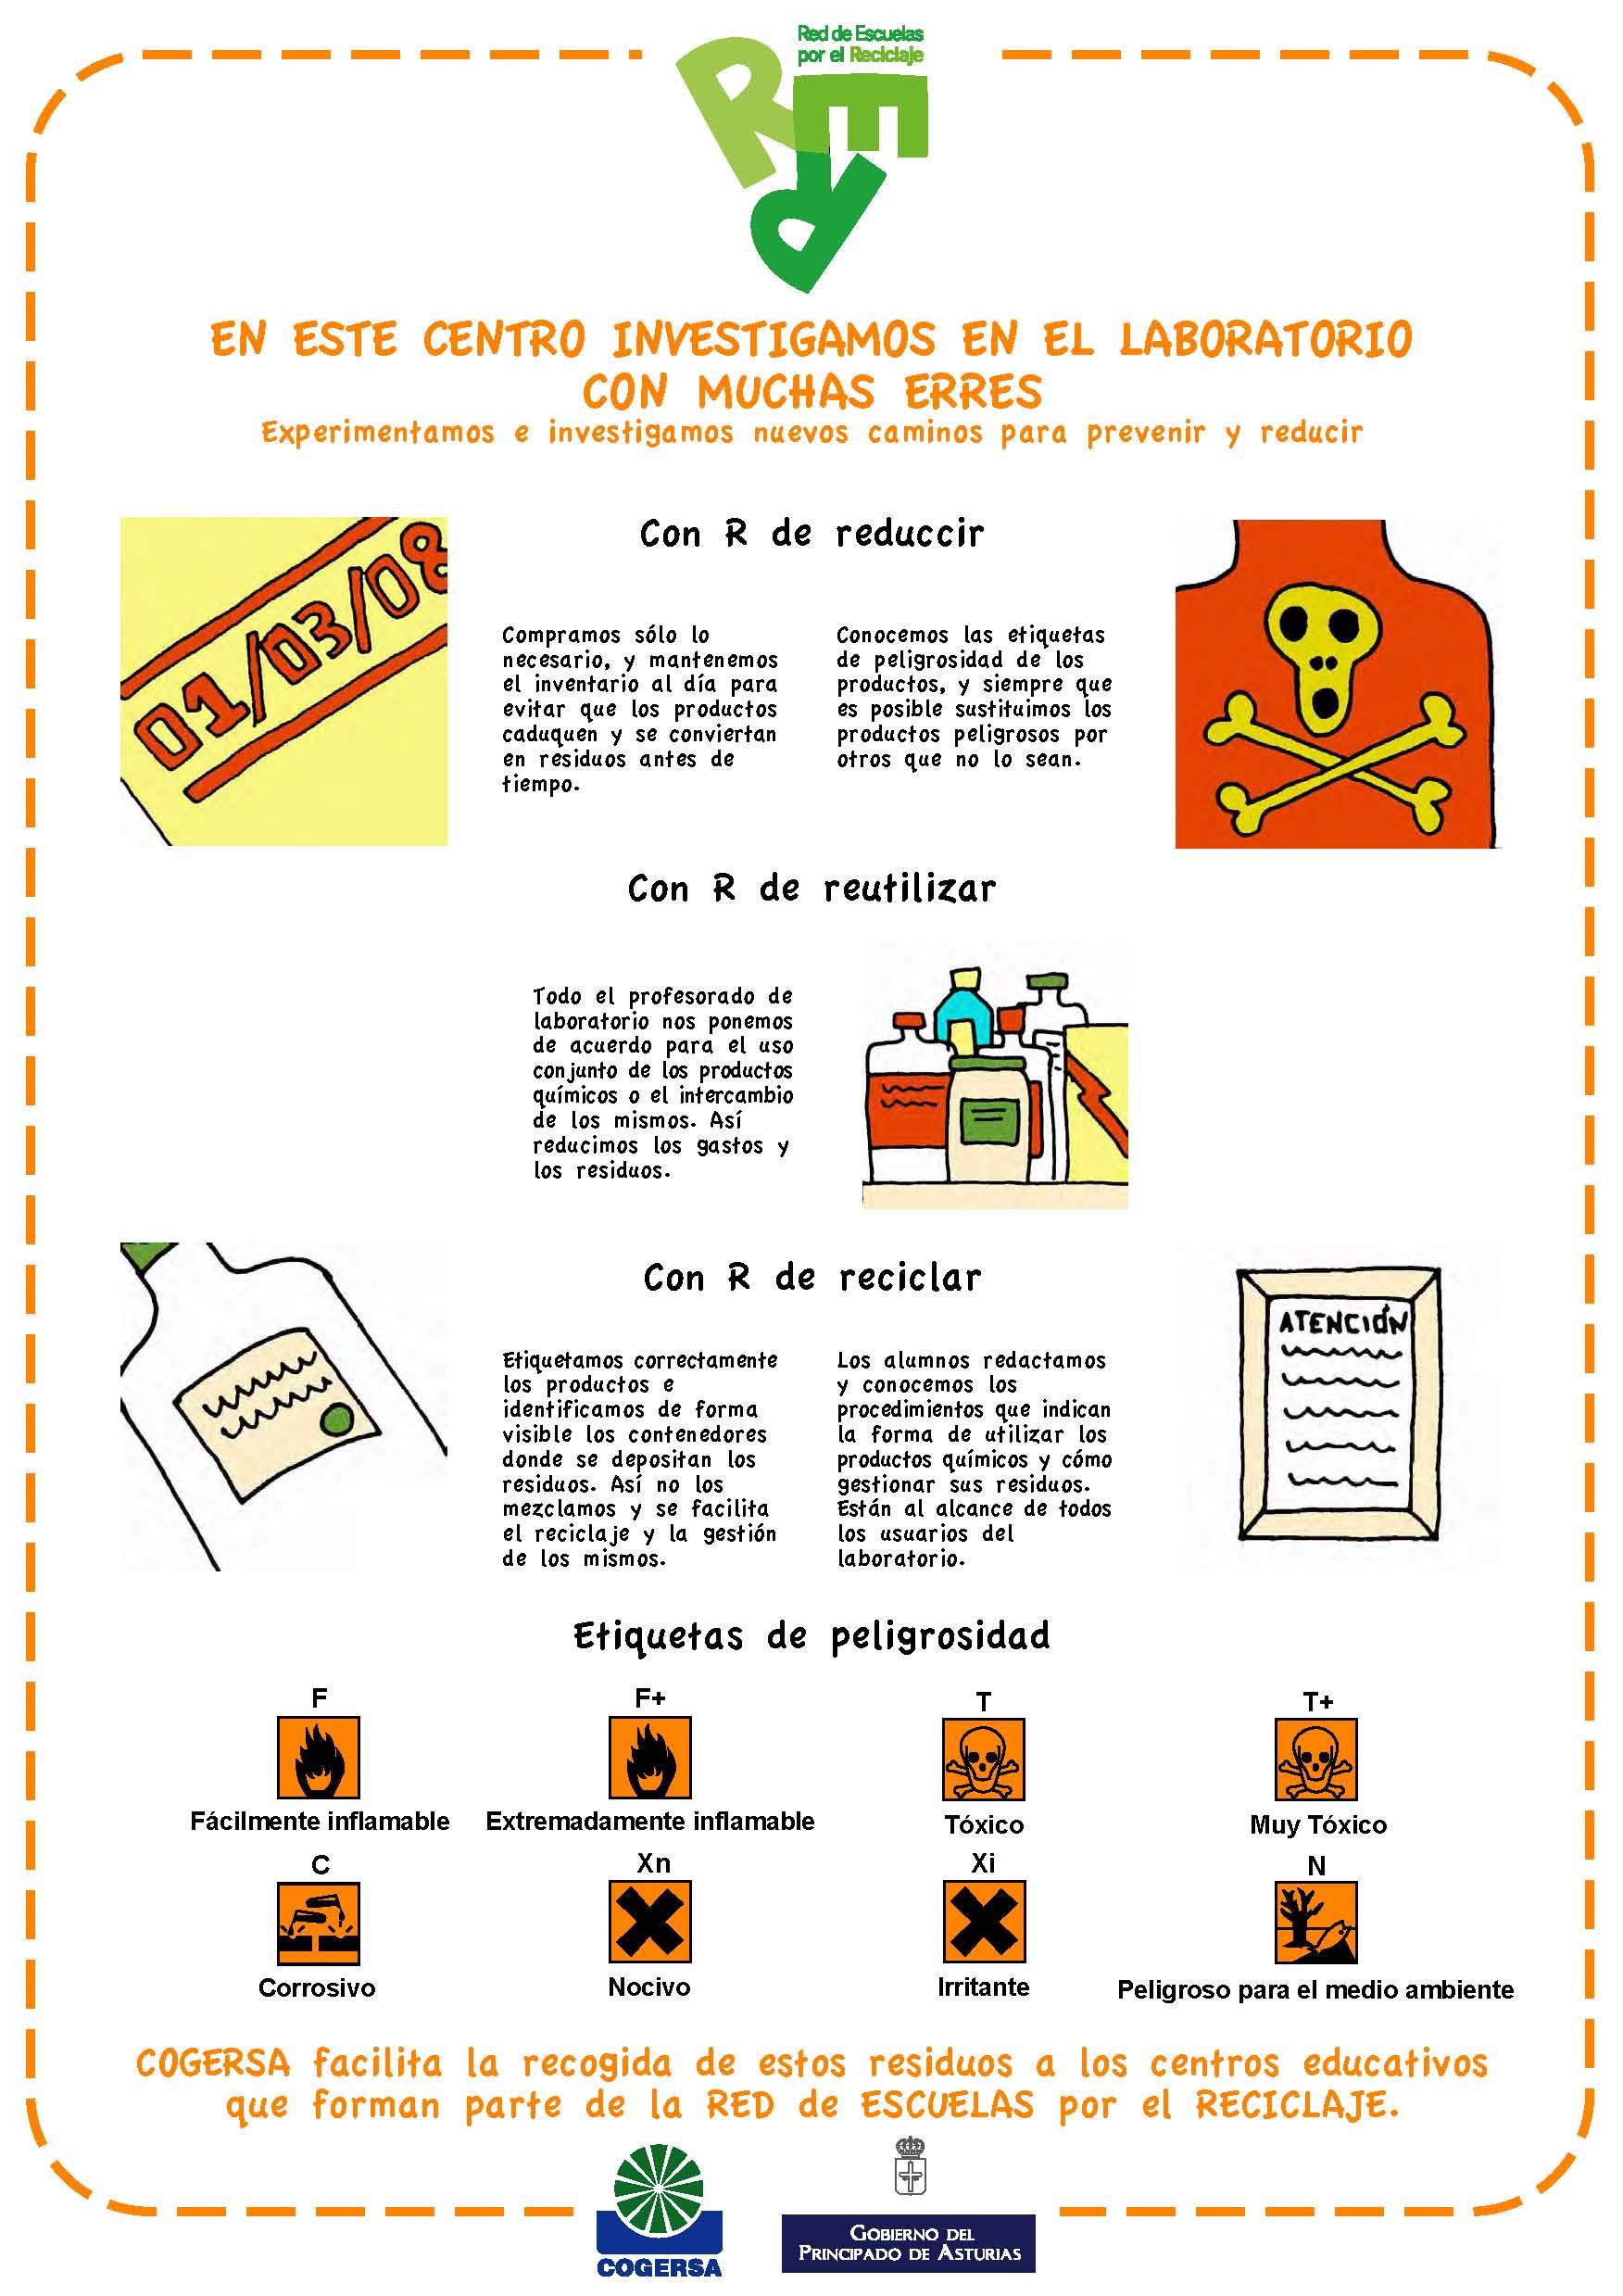 Imagen del cartel para un laboratorio